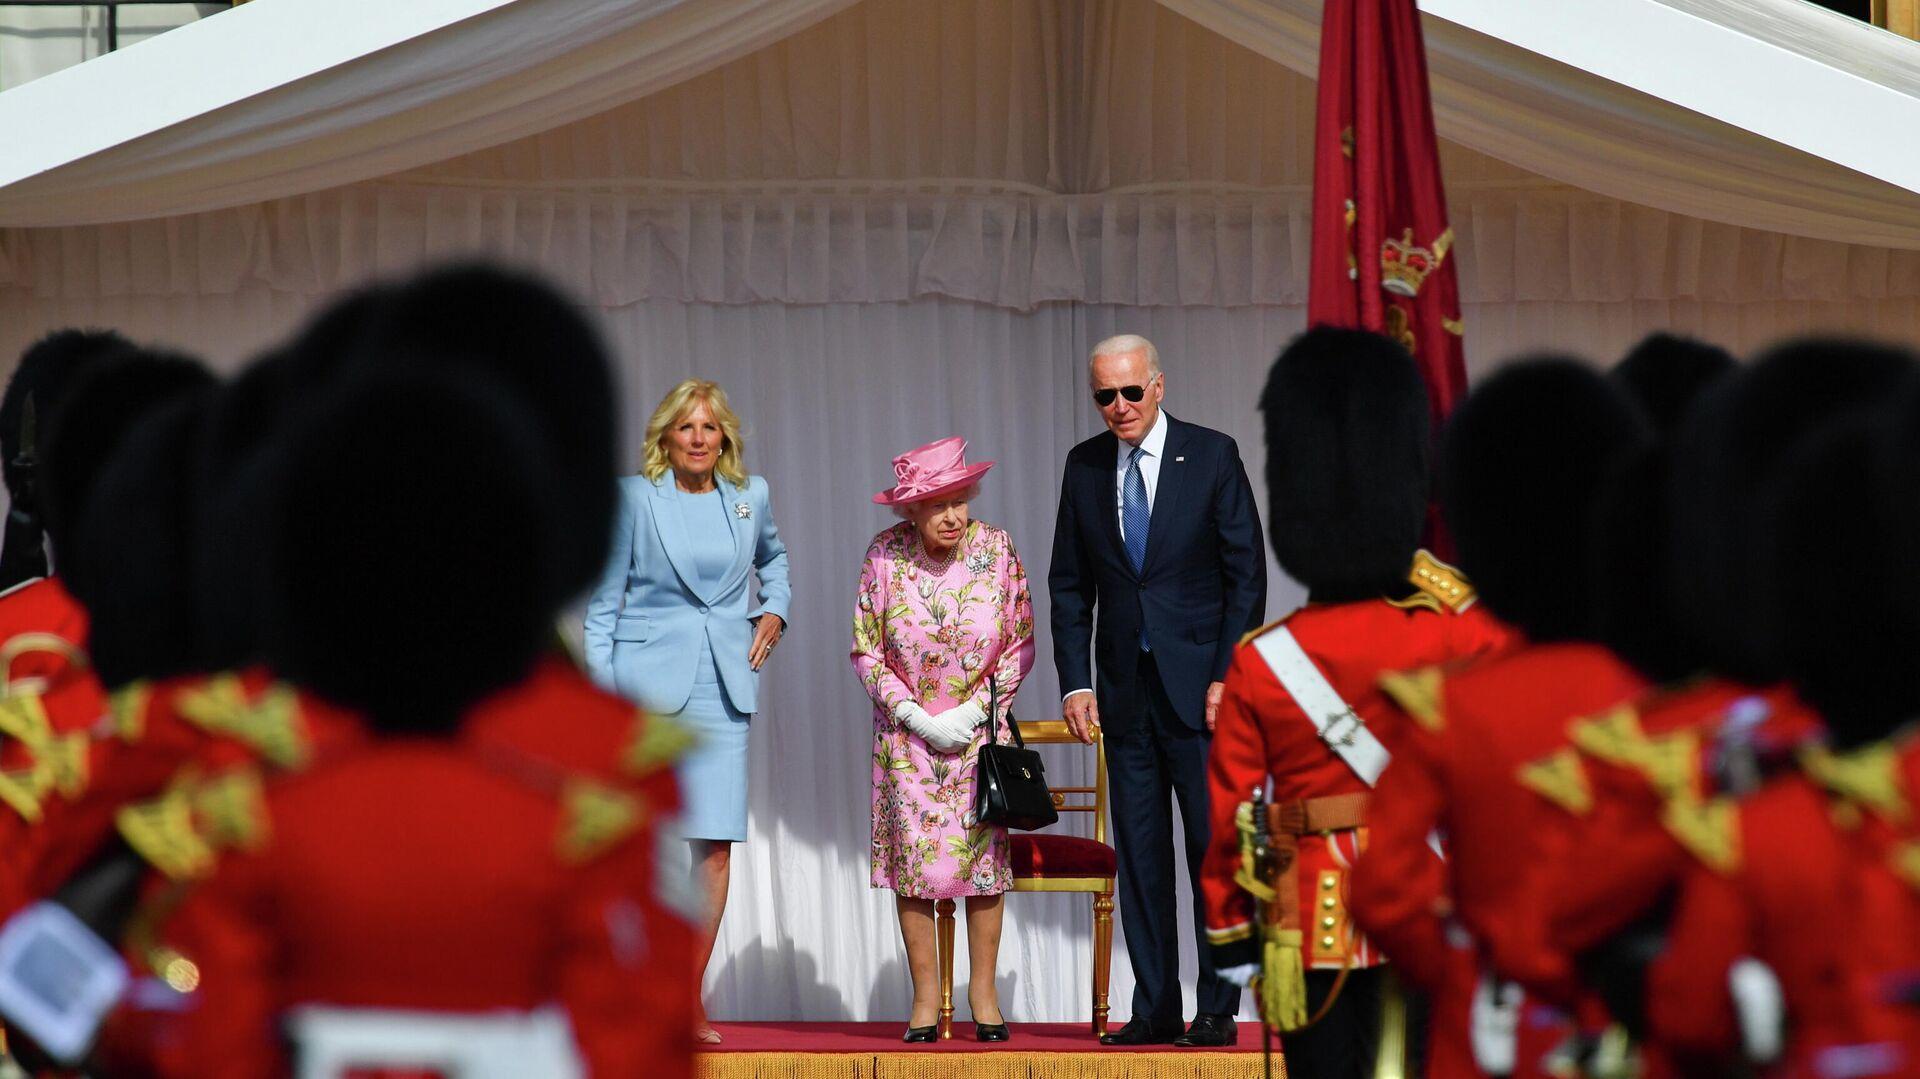 Елизавета II приняла президента США Джо Байдена с супругой в Виндзорском замке - РИА Новости, 1920, 13.06.2021